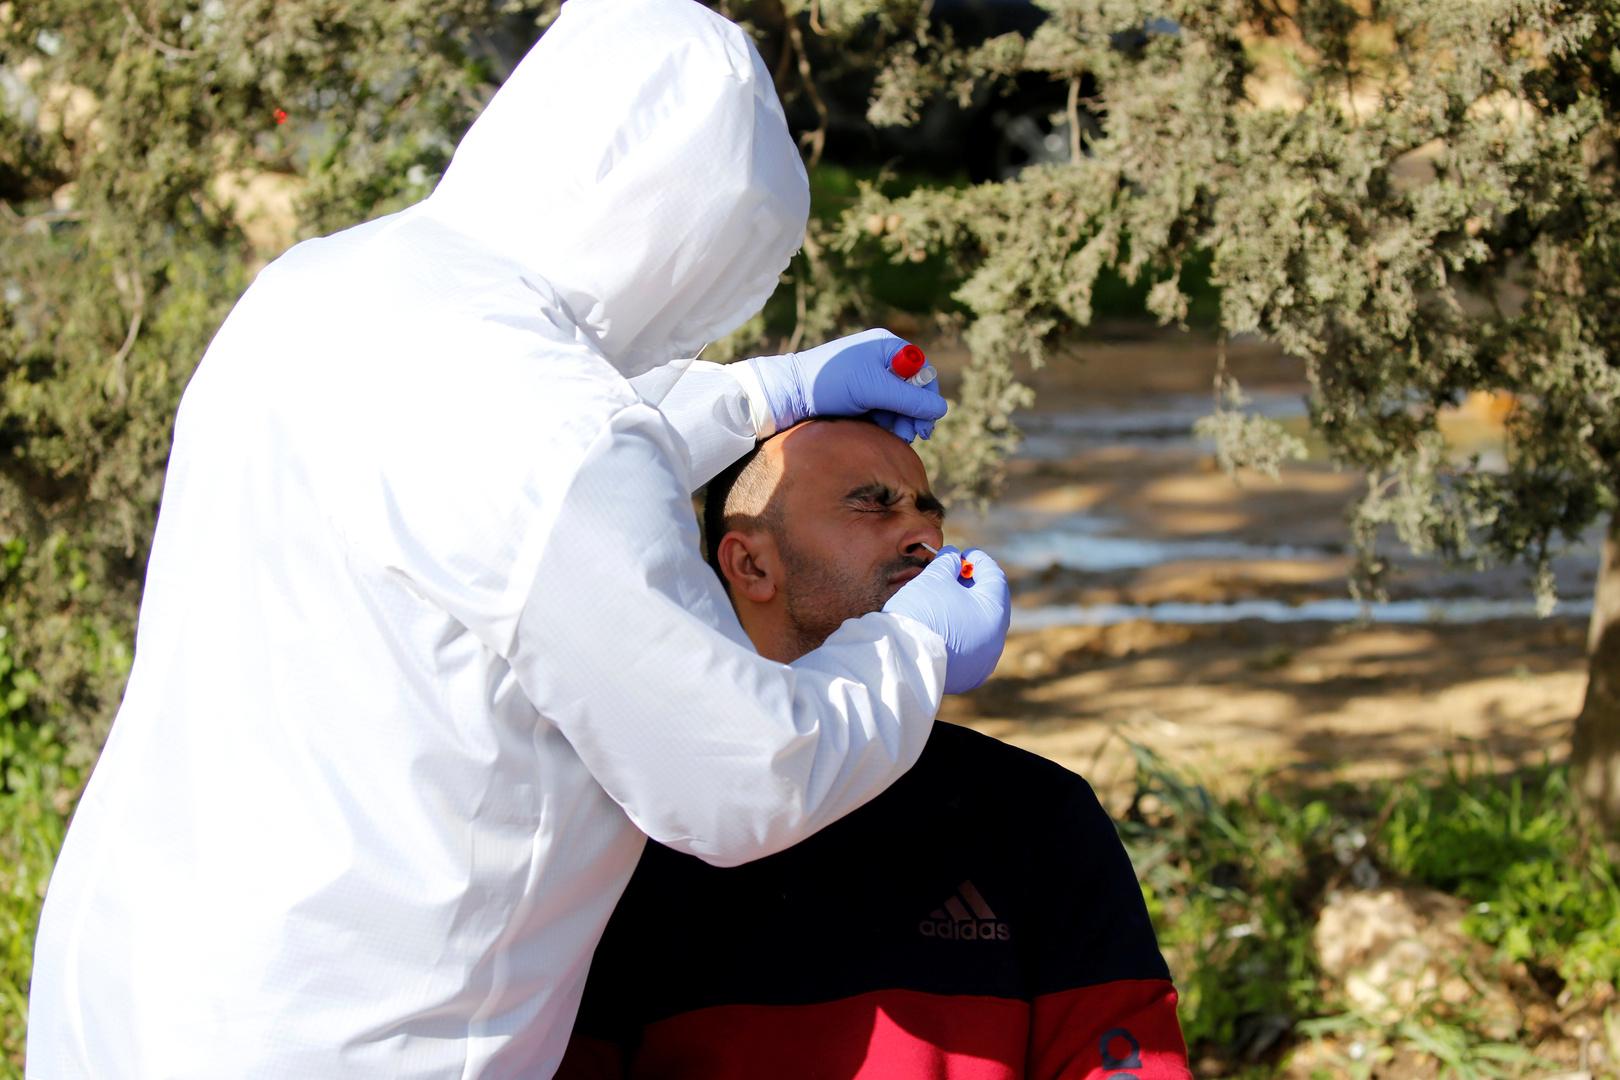 تسجيل 10 إصابات جديدة بكورونا في الضفة الغربية والعدد يرتفع إلى 171